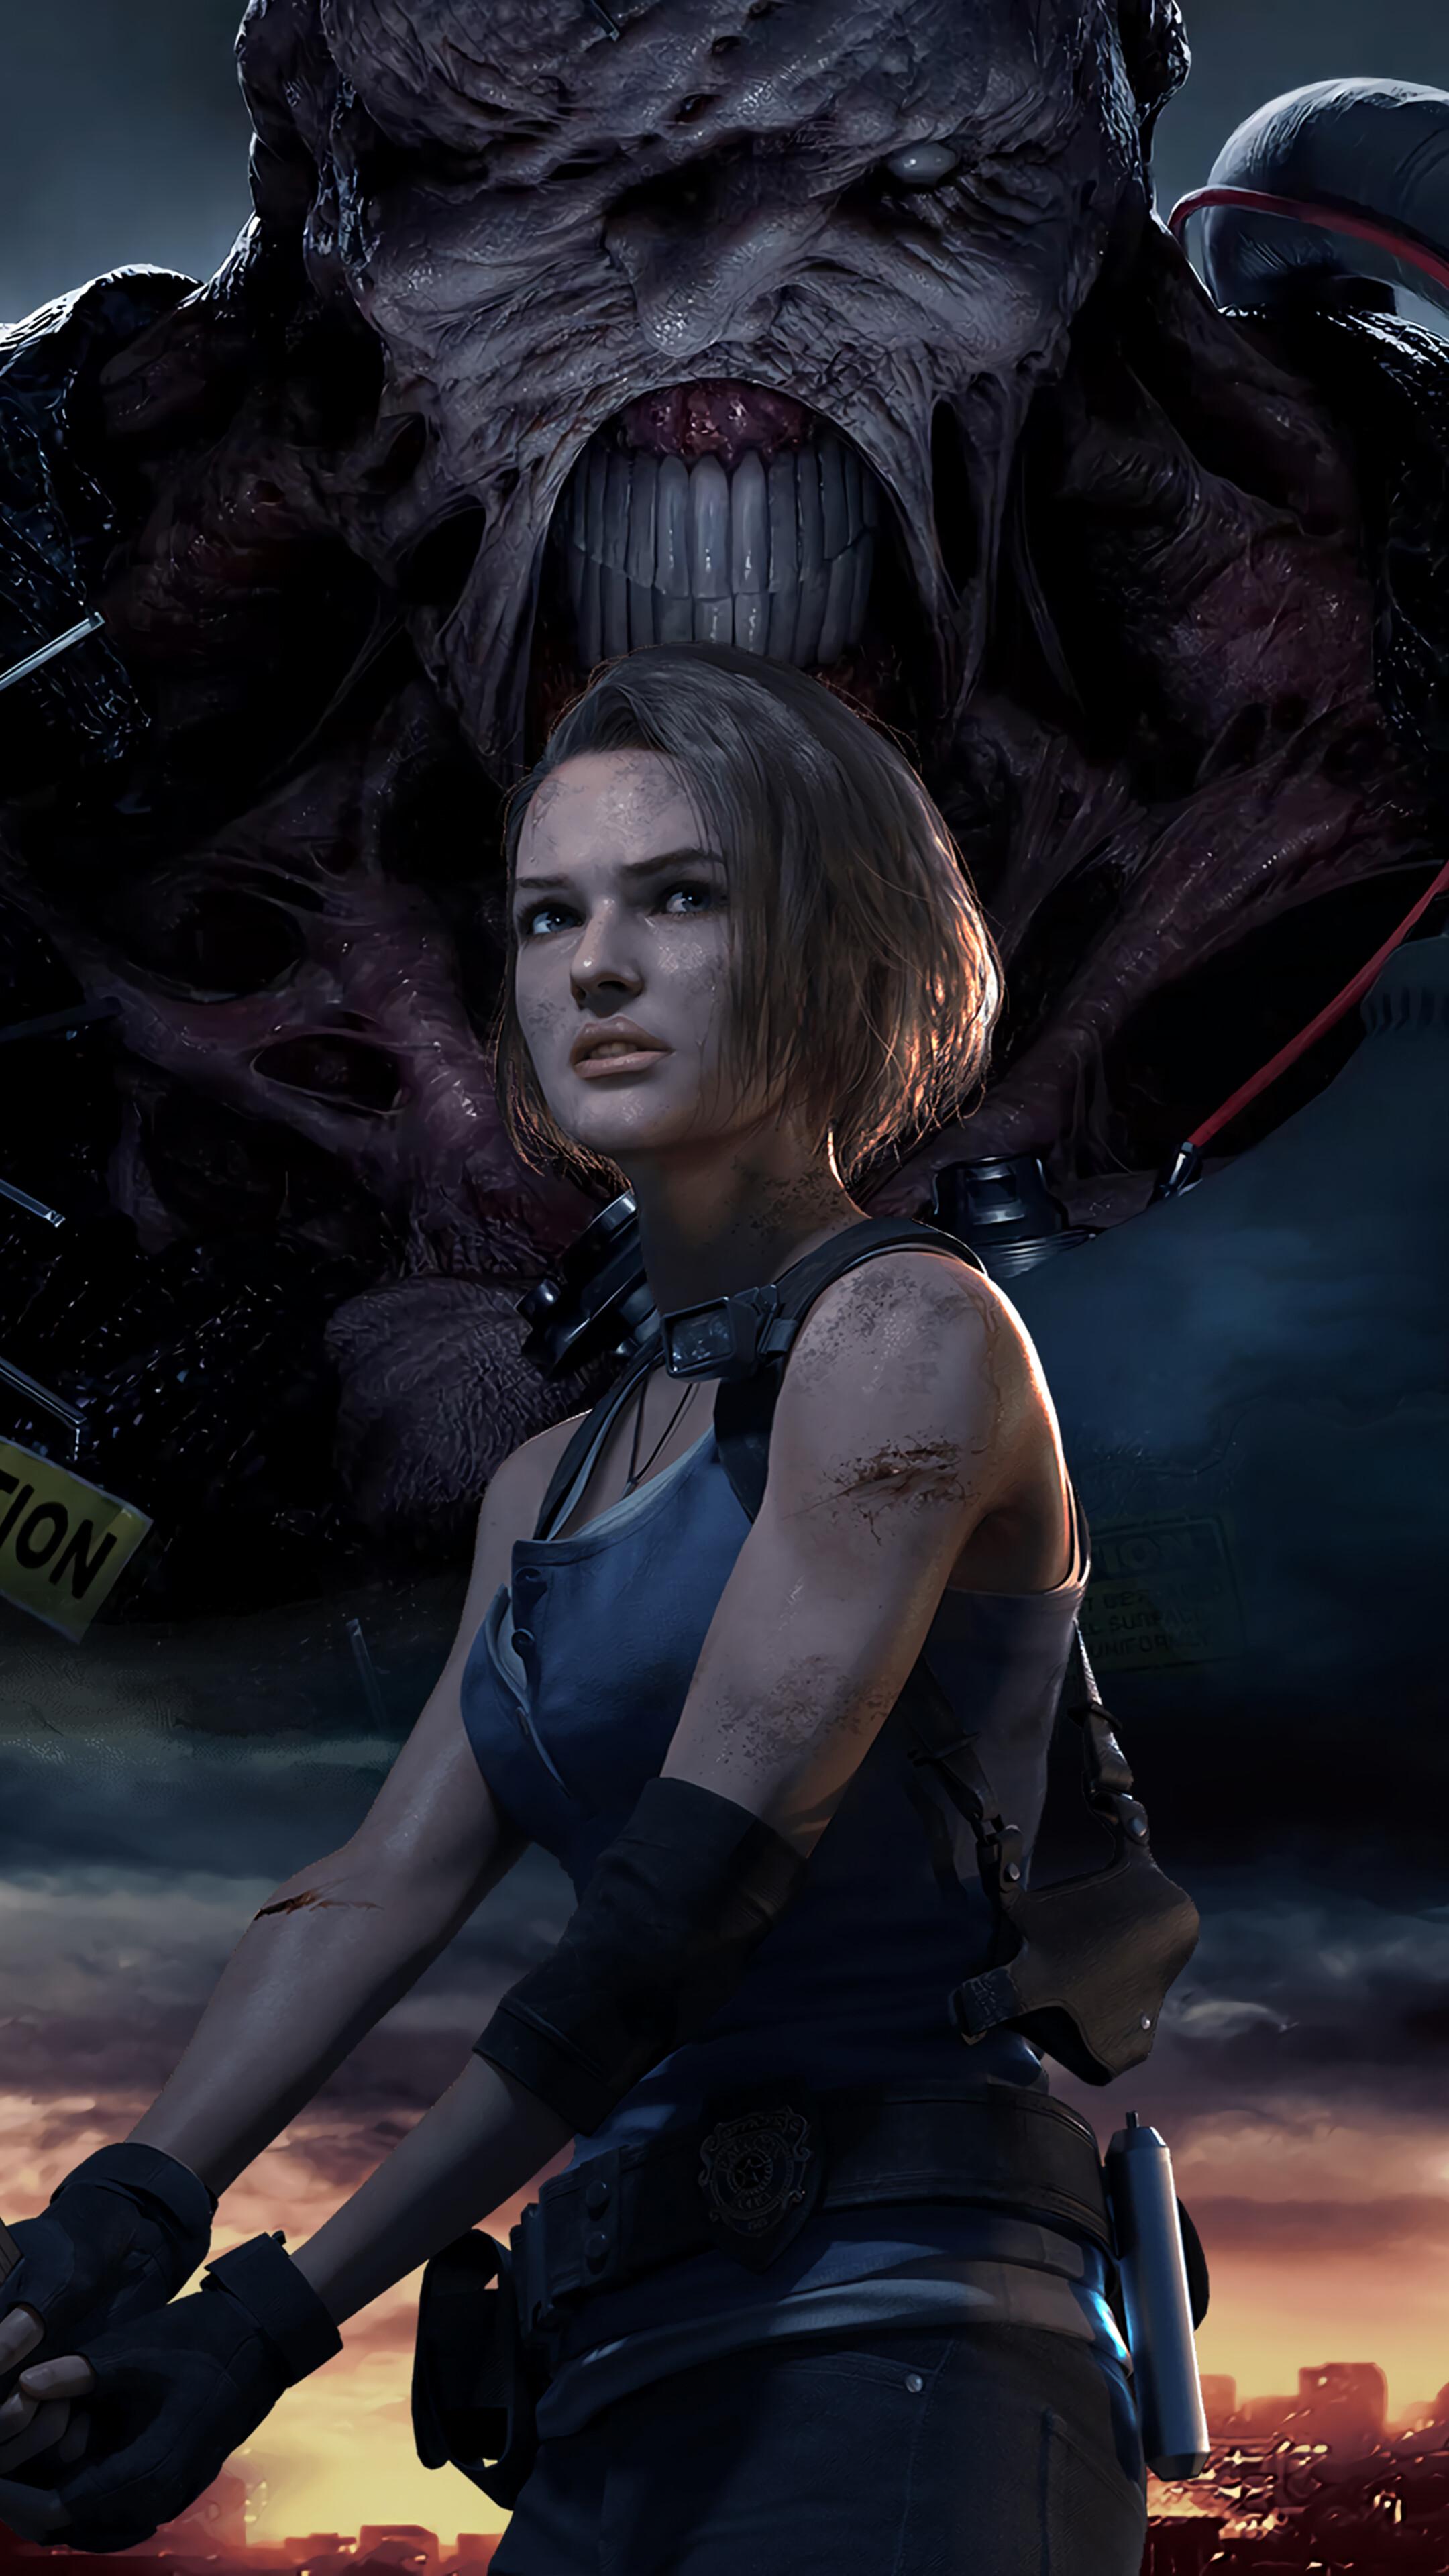 デスクトップ壁紙 ジルバレンタイン ネメシス Resident Evil 3